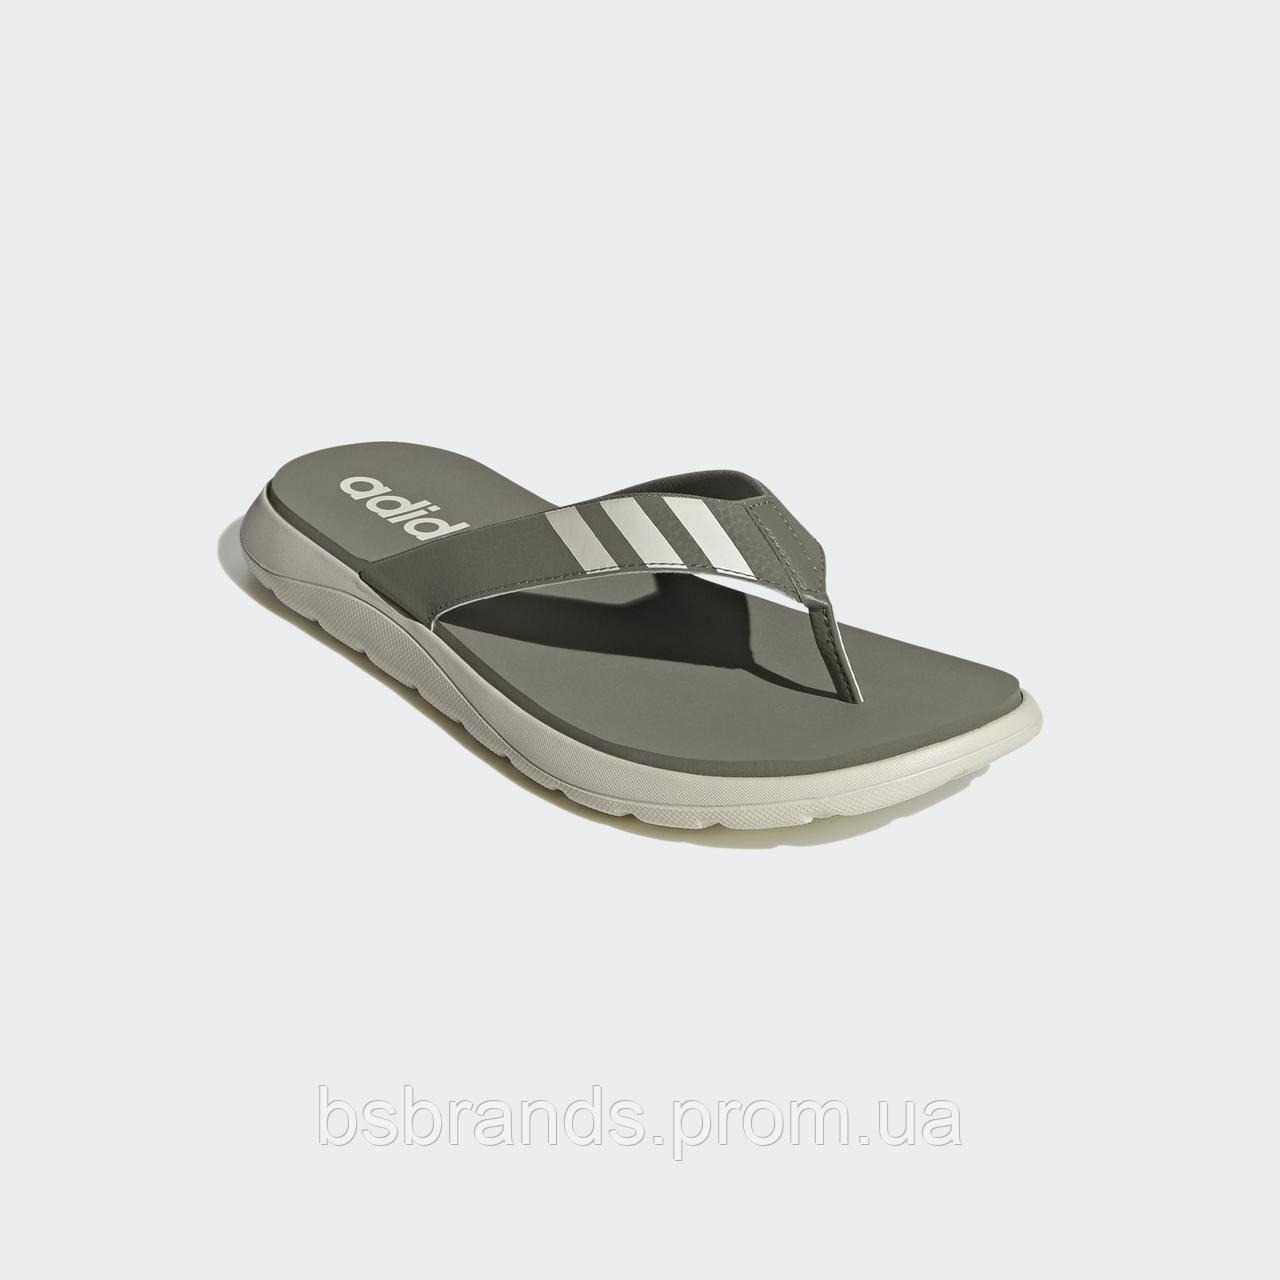 Мужские шлепанцы adidas Comfort EG2067 (2020/1)